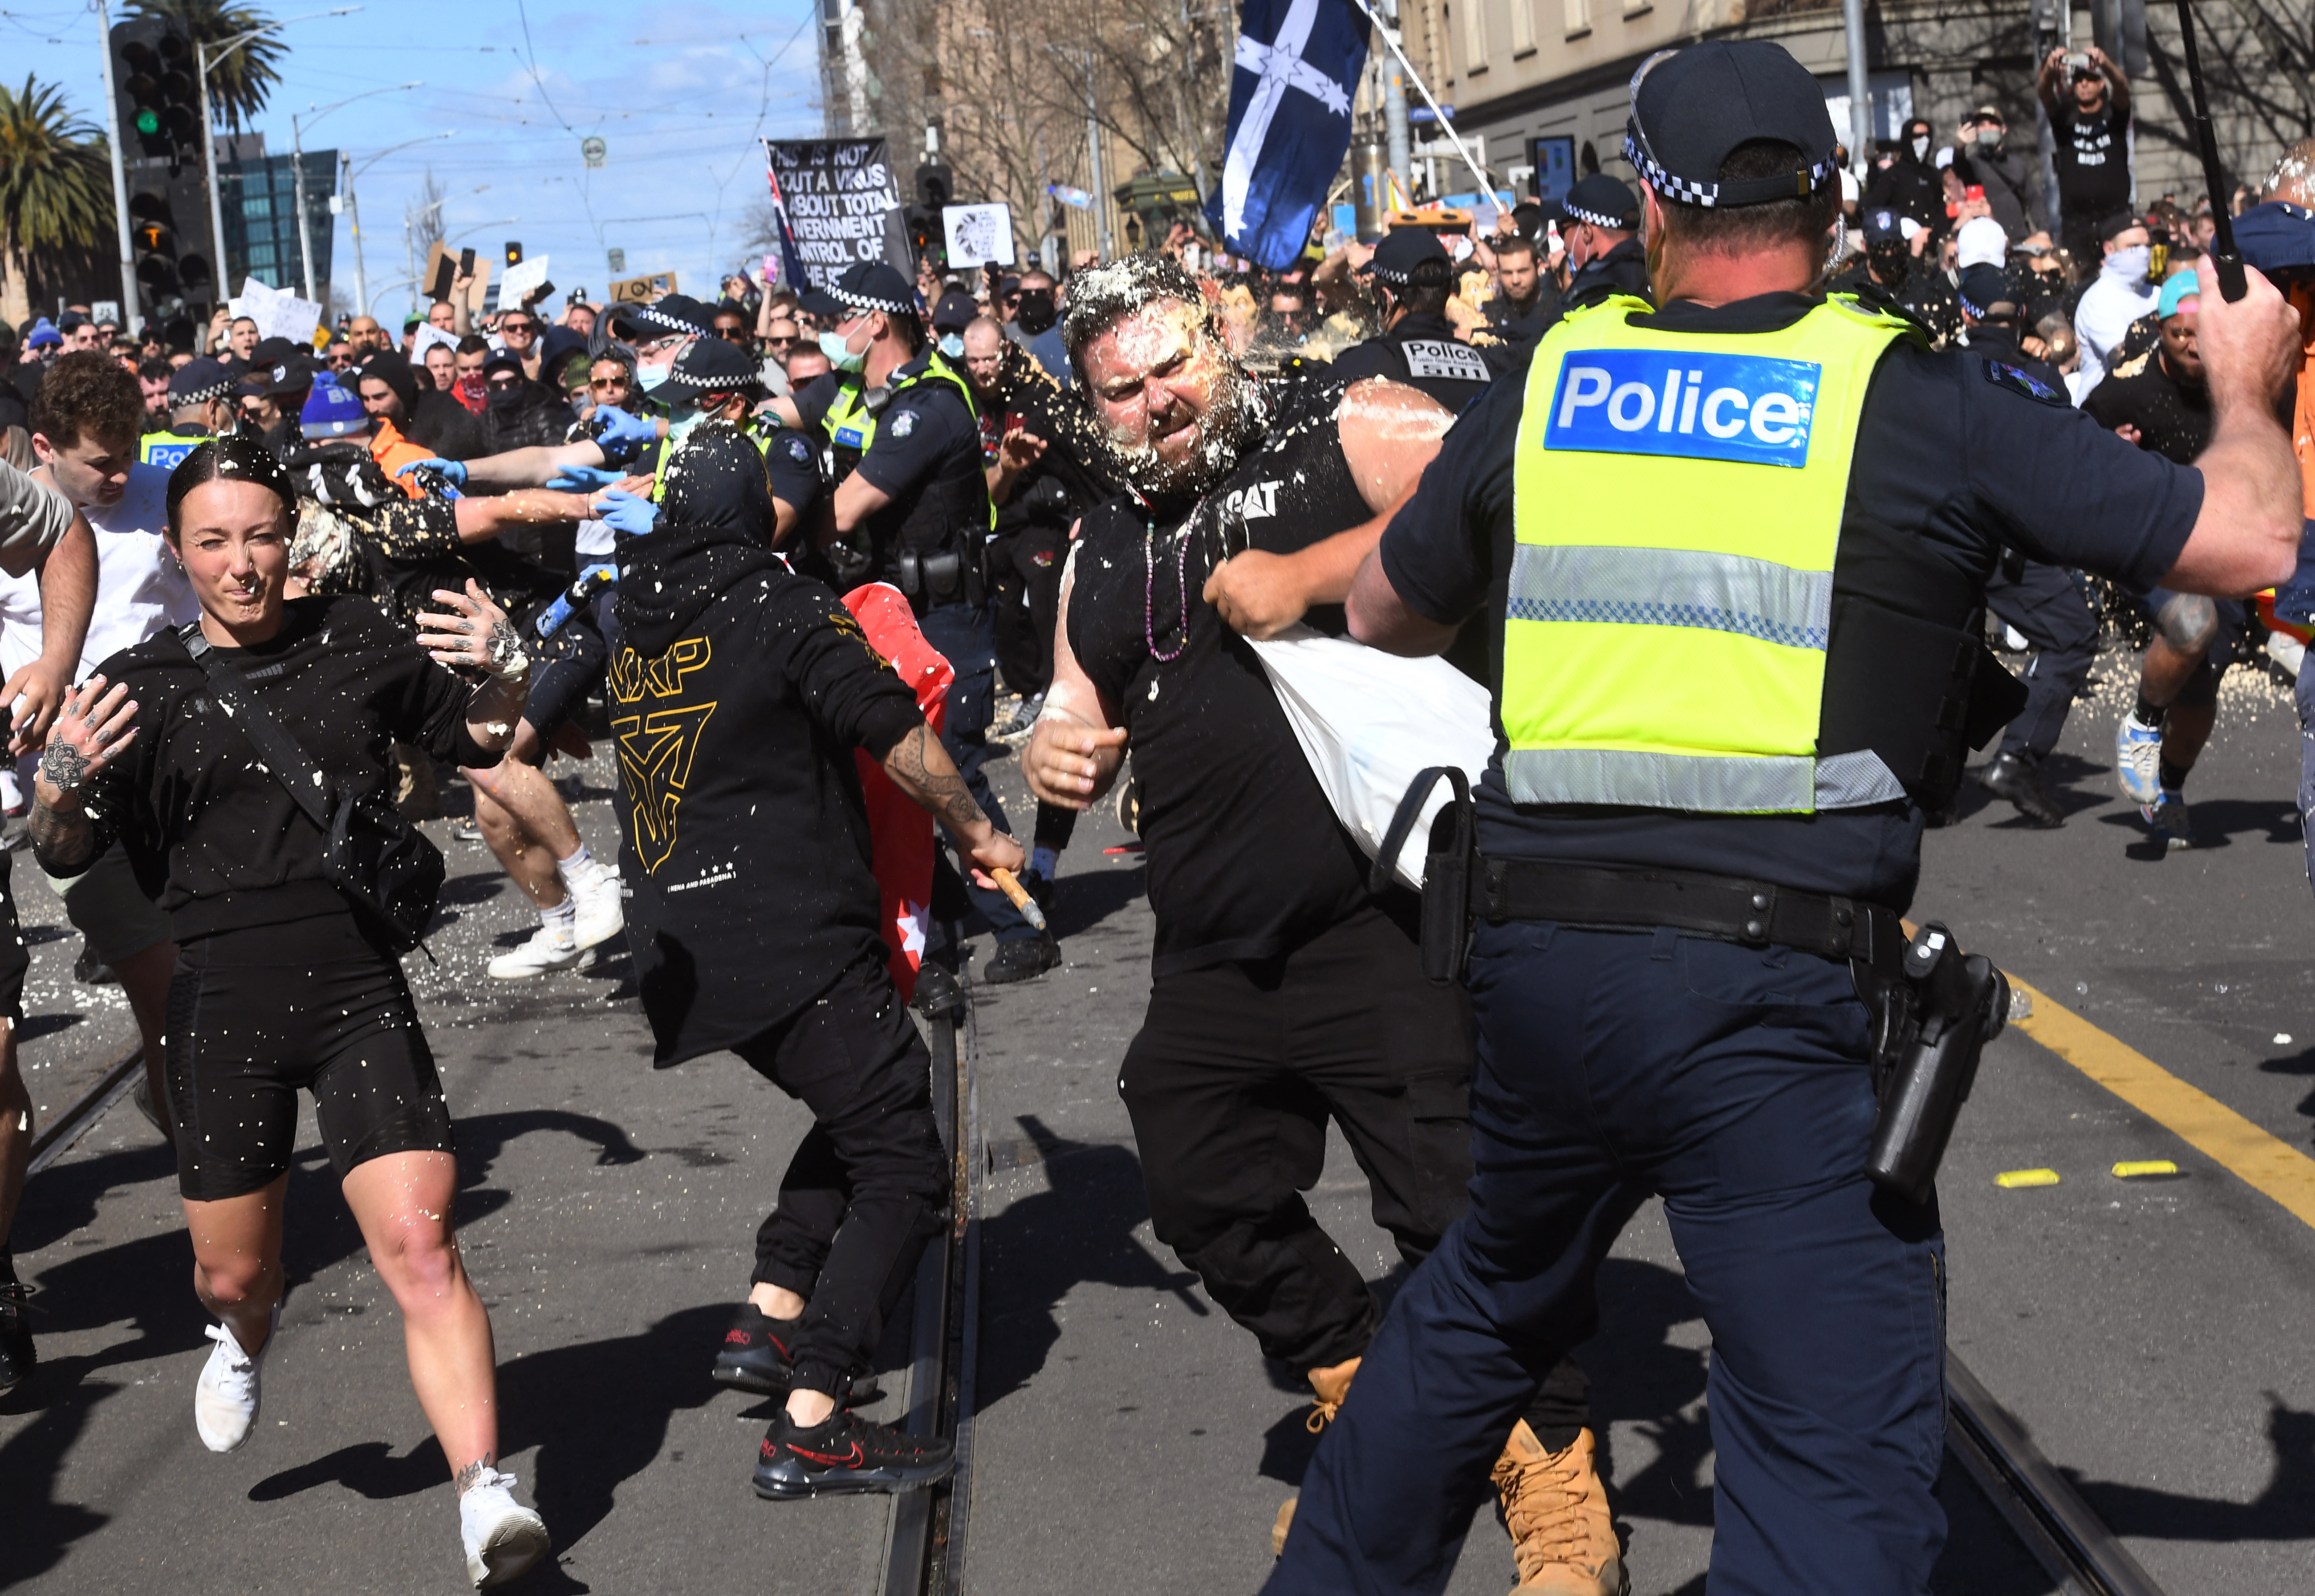 20 éve nem volt olyan erőszakos tüntetés Melbourne-ben, mint a szombati